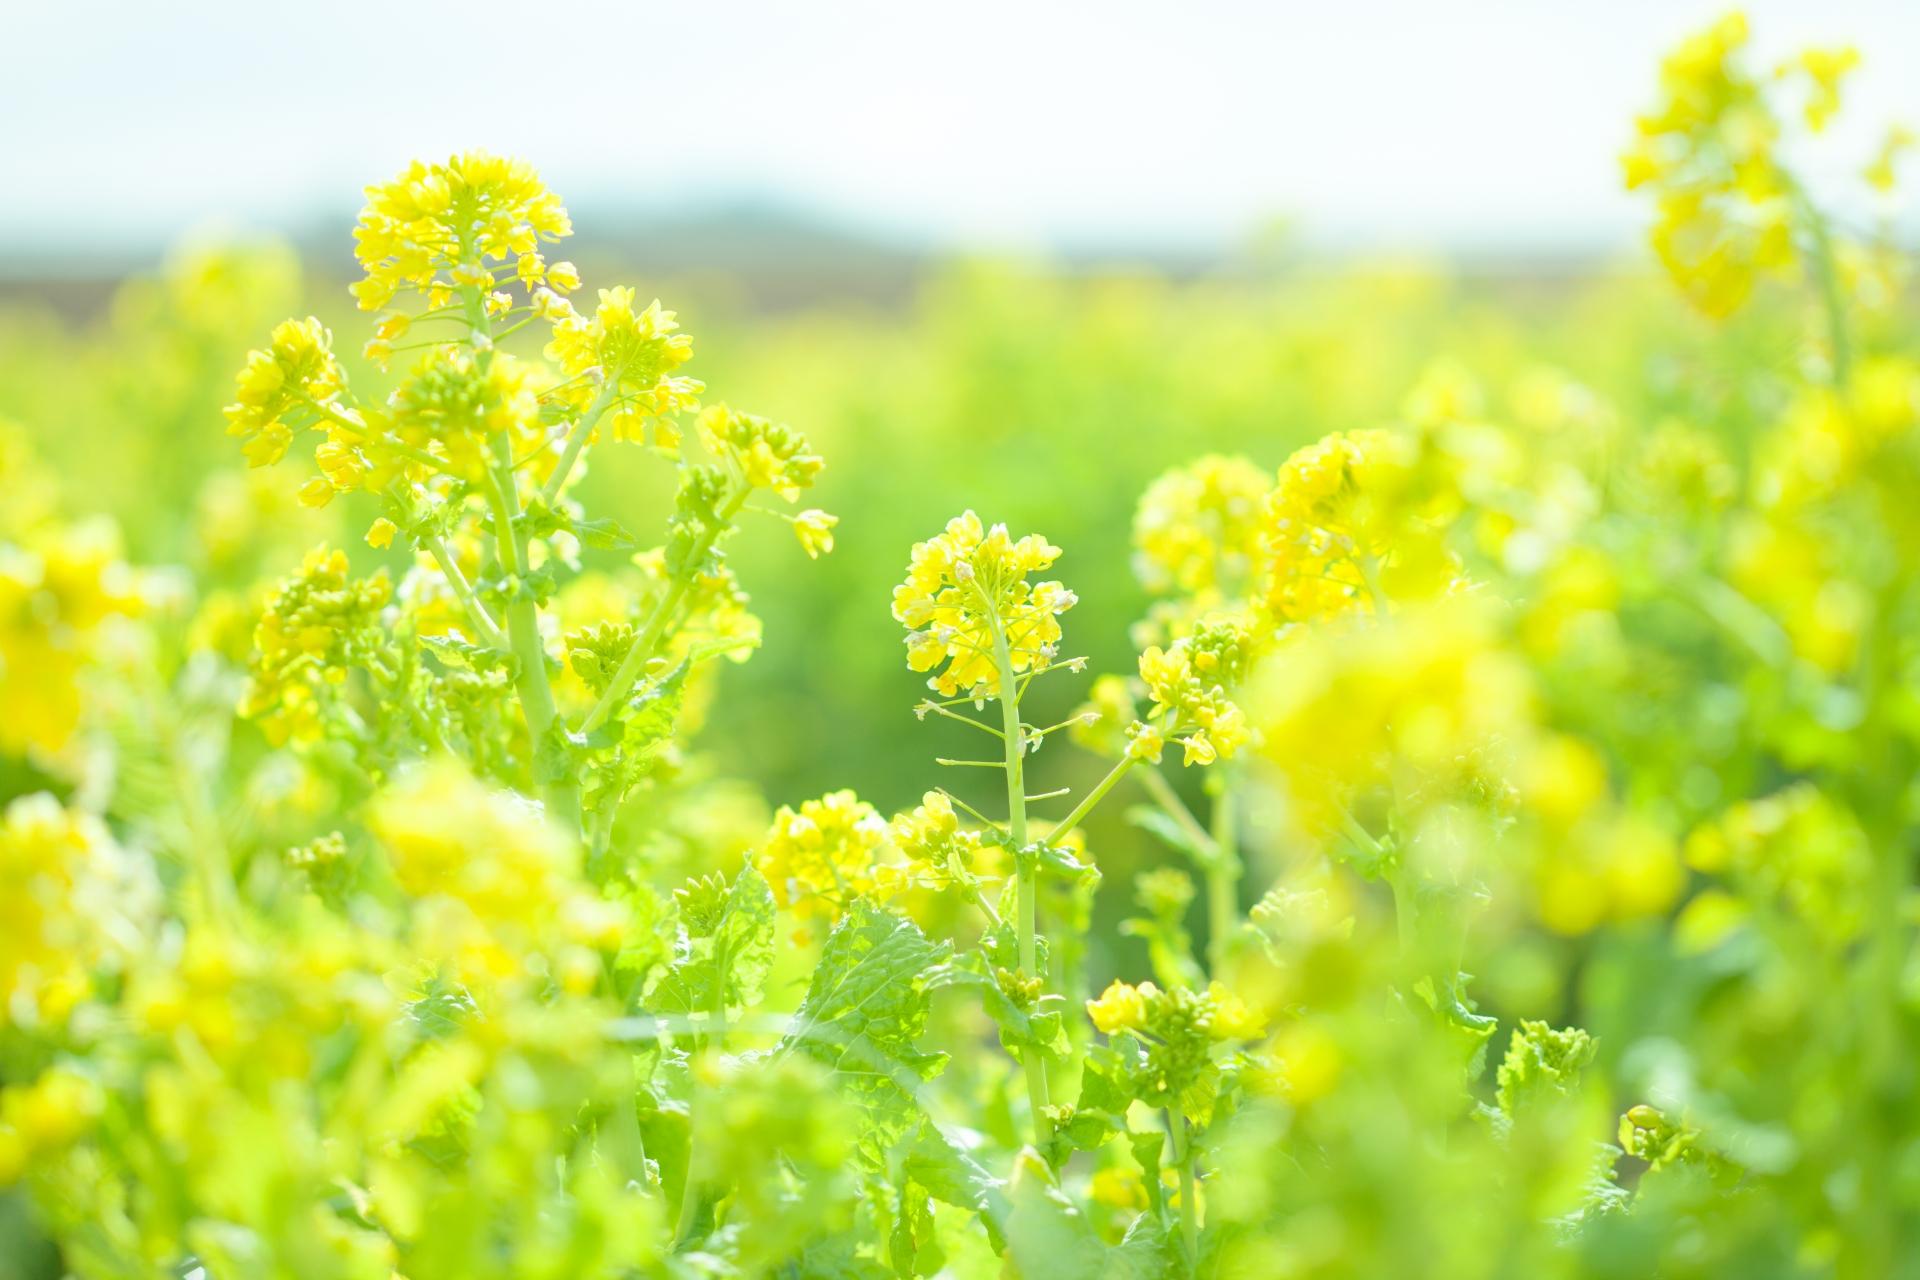 ガーデン用品屋さんの花図鑑 ナノハナ